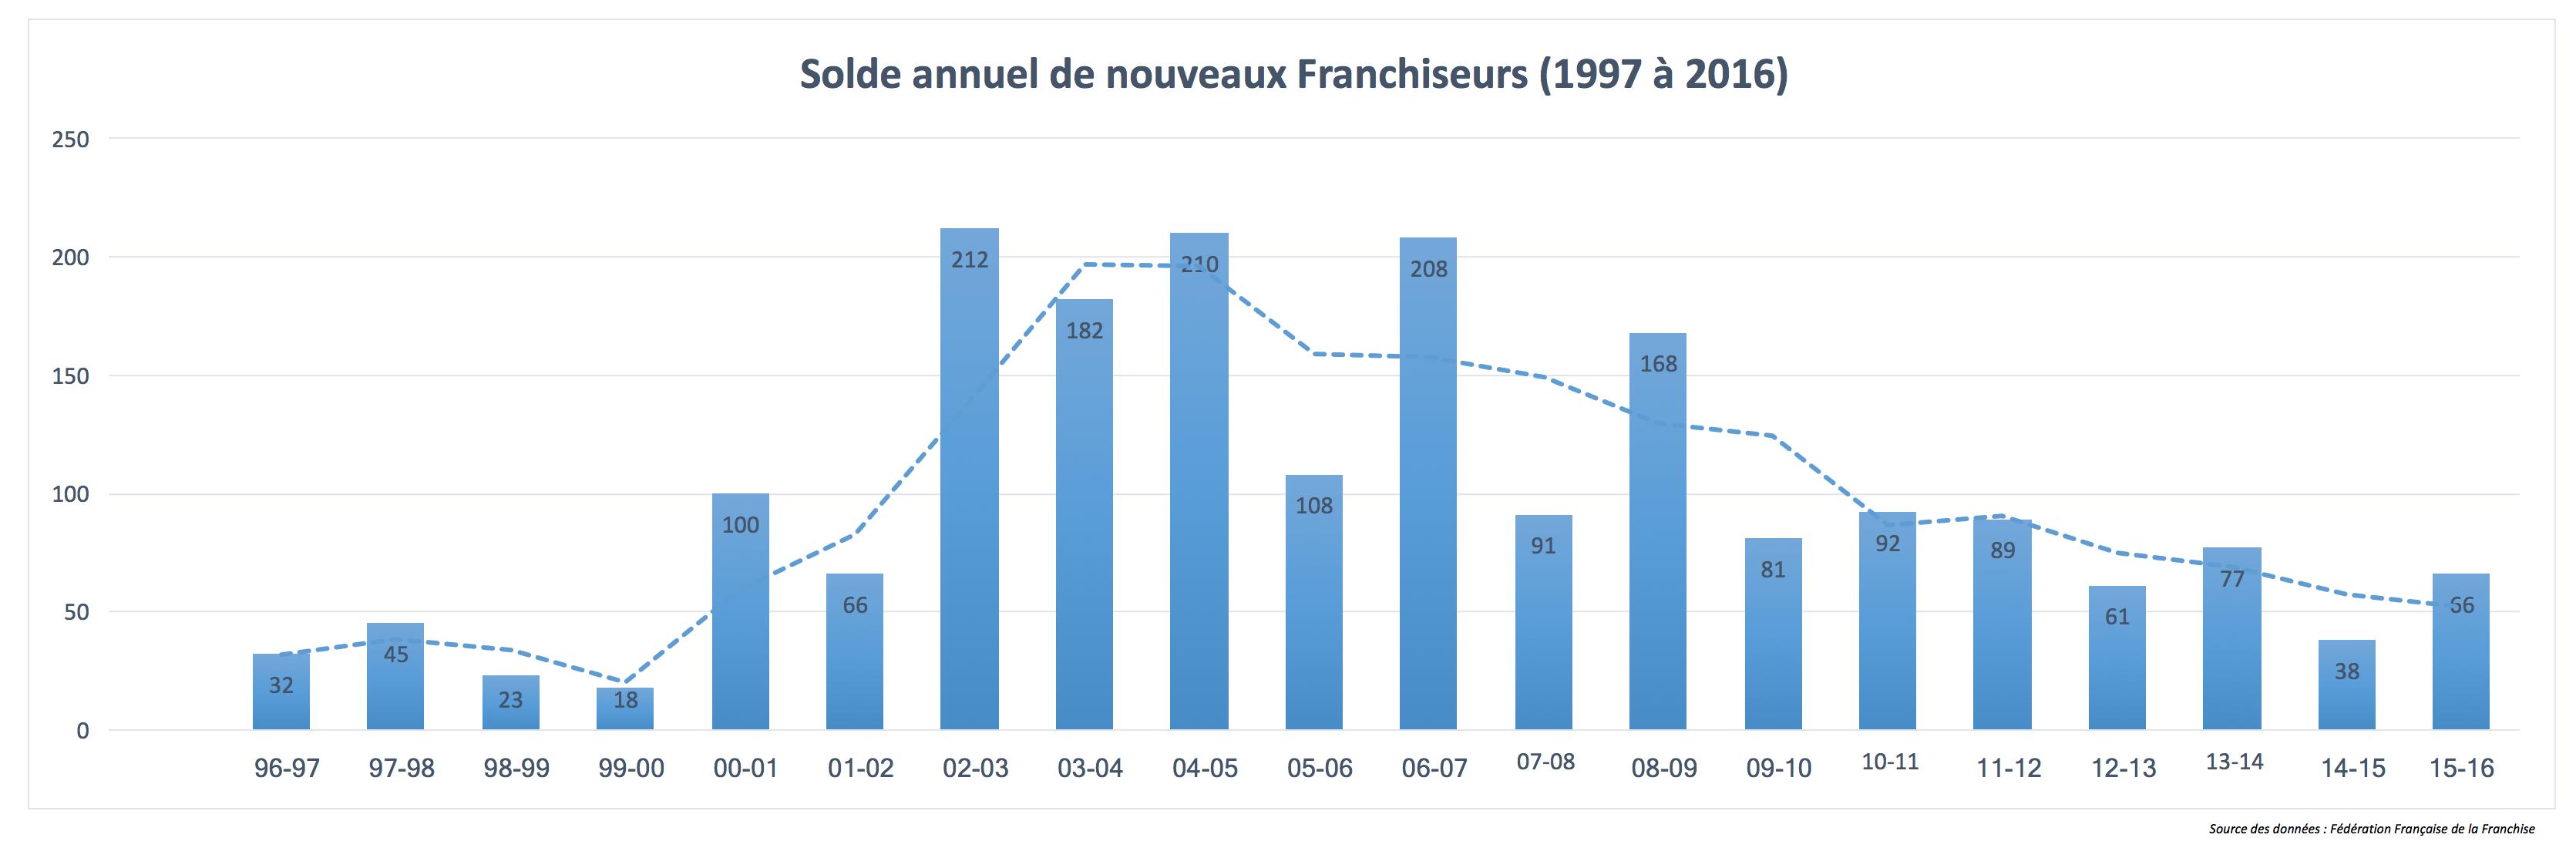 Croissance du marché de la franchise - solde annuel de nouveaux franchiseurs entre 1997 et 2016